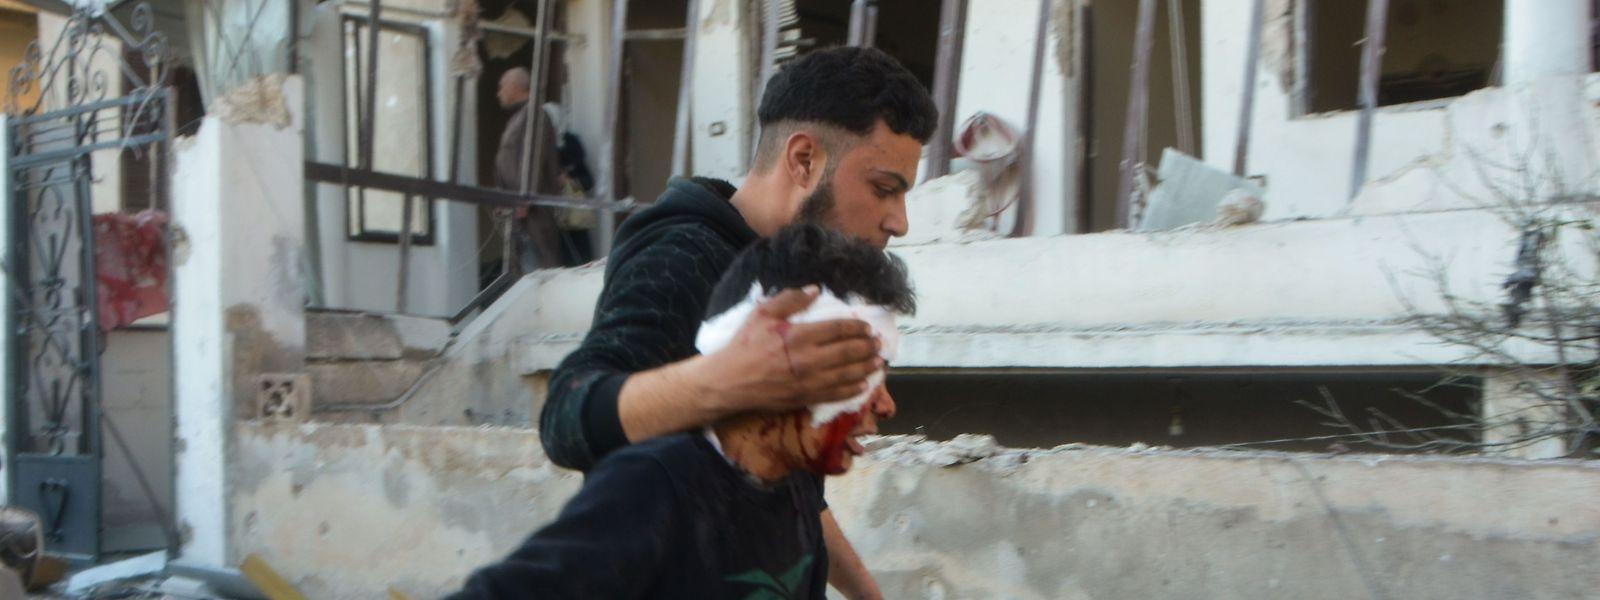 Dans la ville de Maarrat Misrin dans la province d'Idlib, évacuation d'un garçon blessé lors d'une attaque de l'armée syrienne.